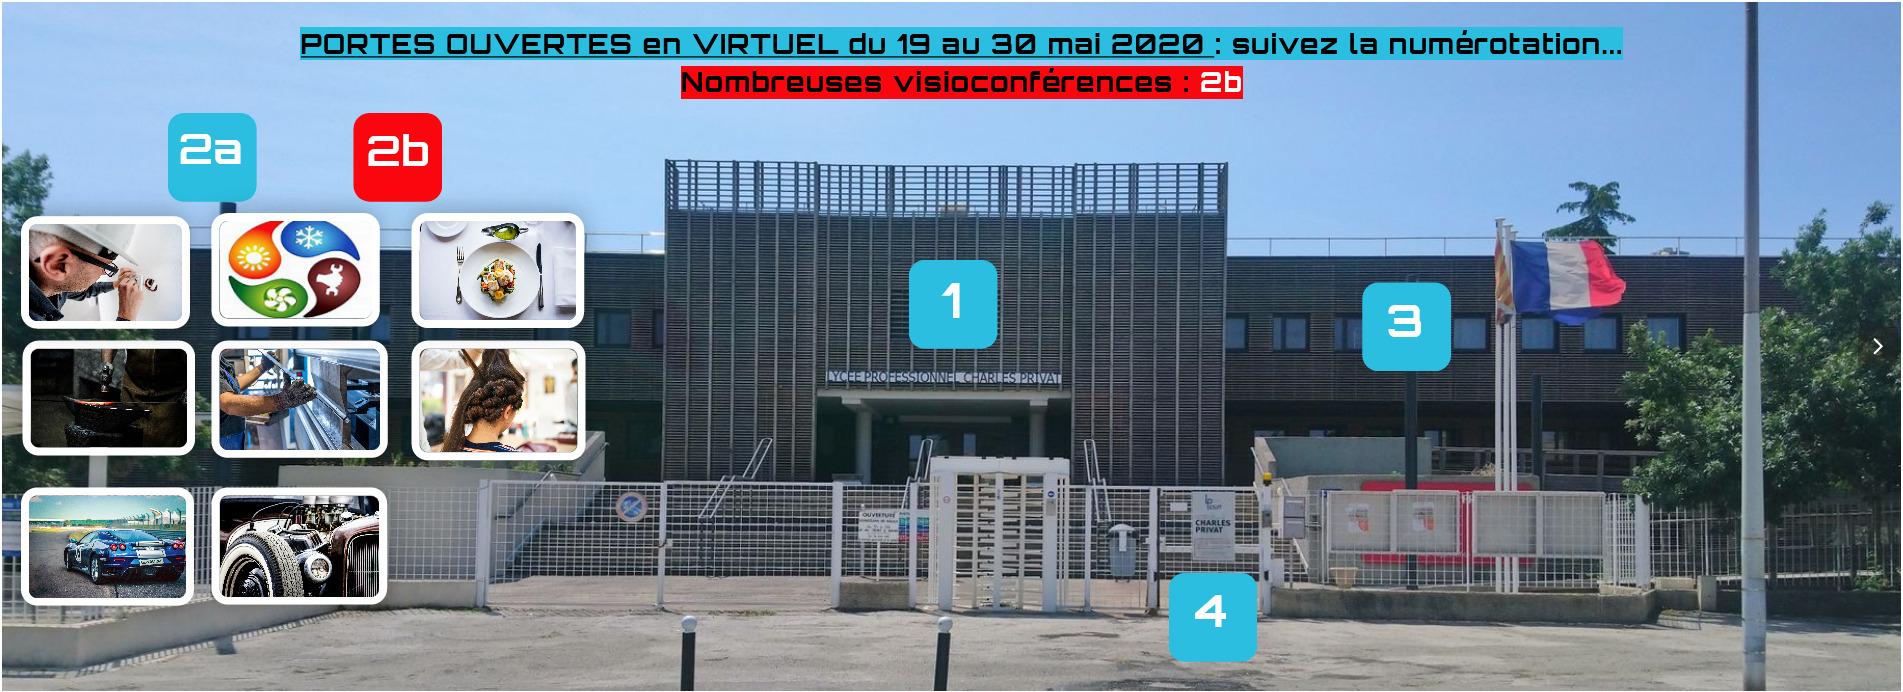 Portes Ouvertes Virtuelles les 19, 25 et 28 mai entre 16 et 20 heures